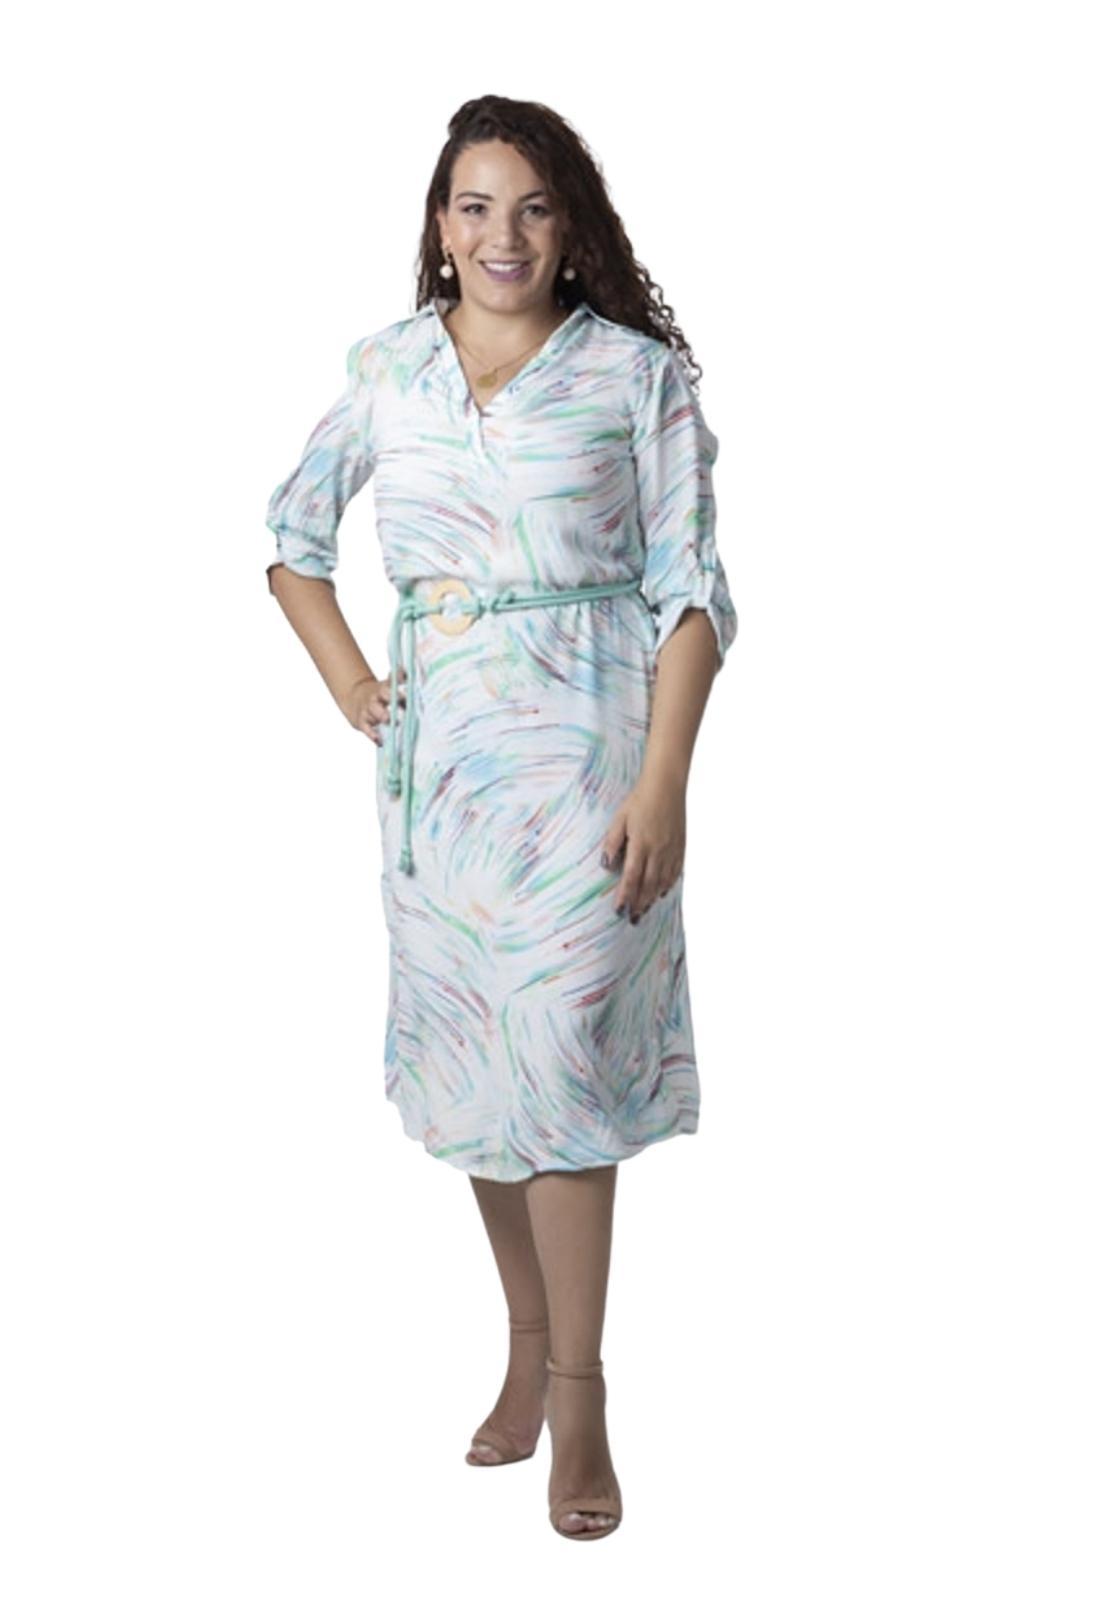 Vestido Feminino Midi Manga Curta Estampado Cinto Cordão